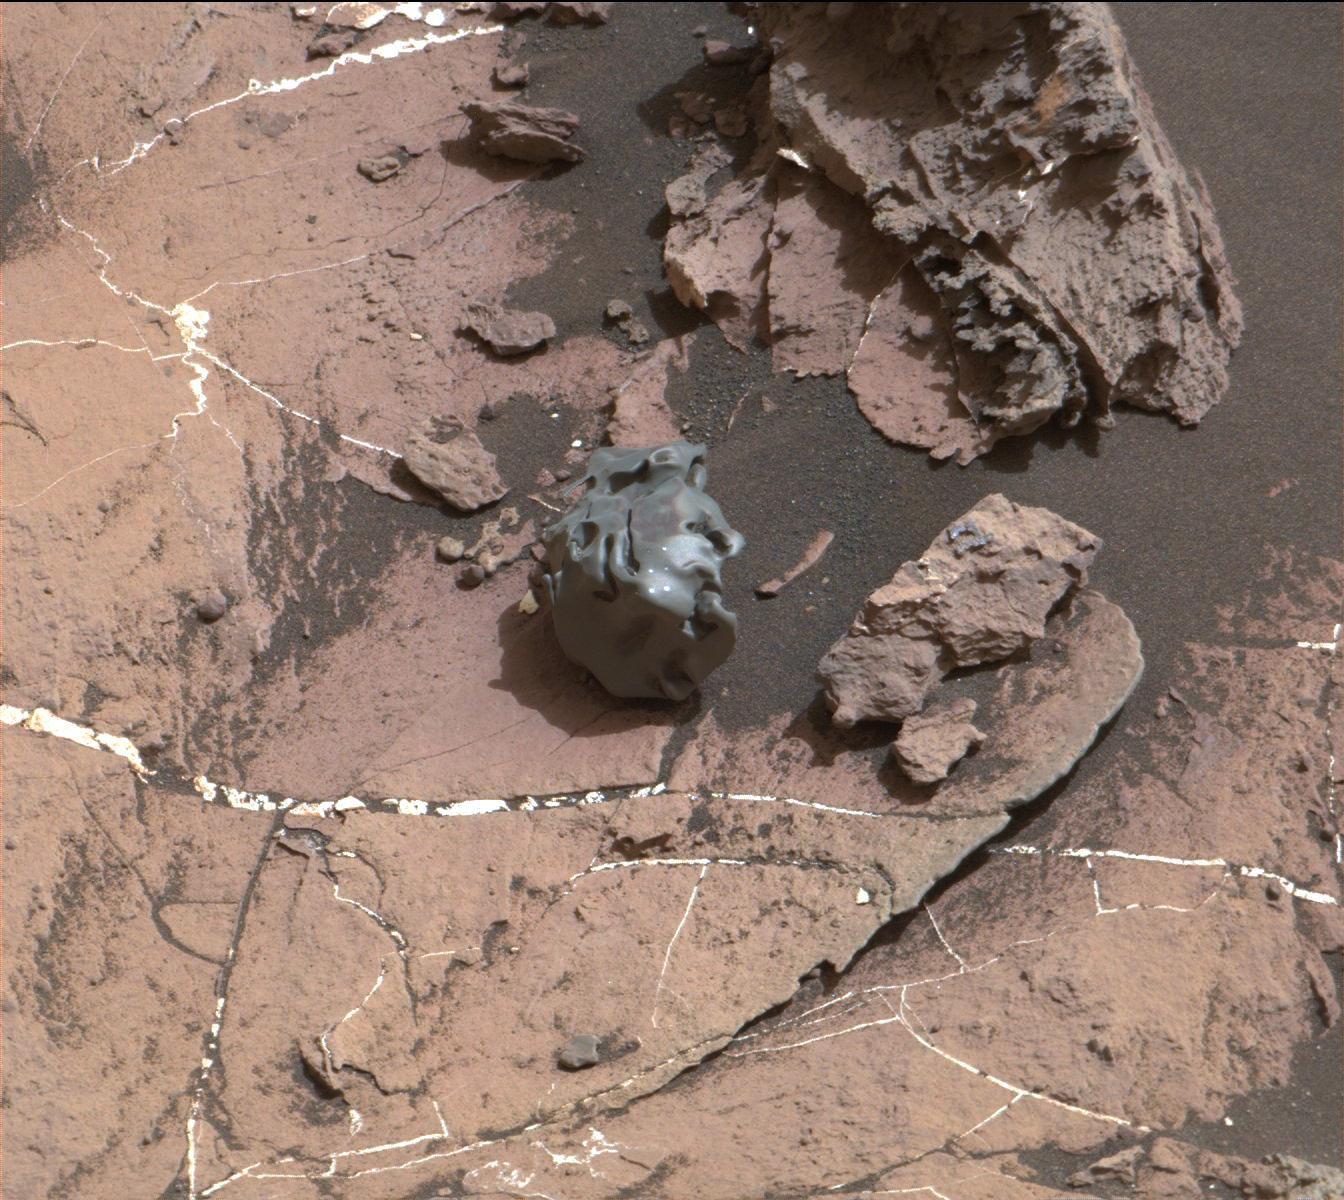 Железный шар неизвестного происхождения найден наповерхности Марса